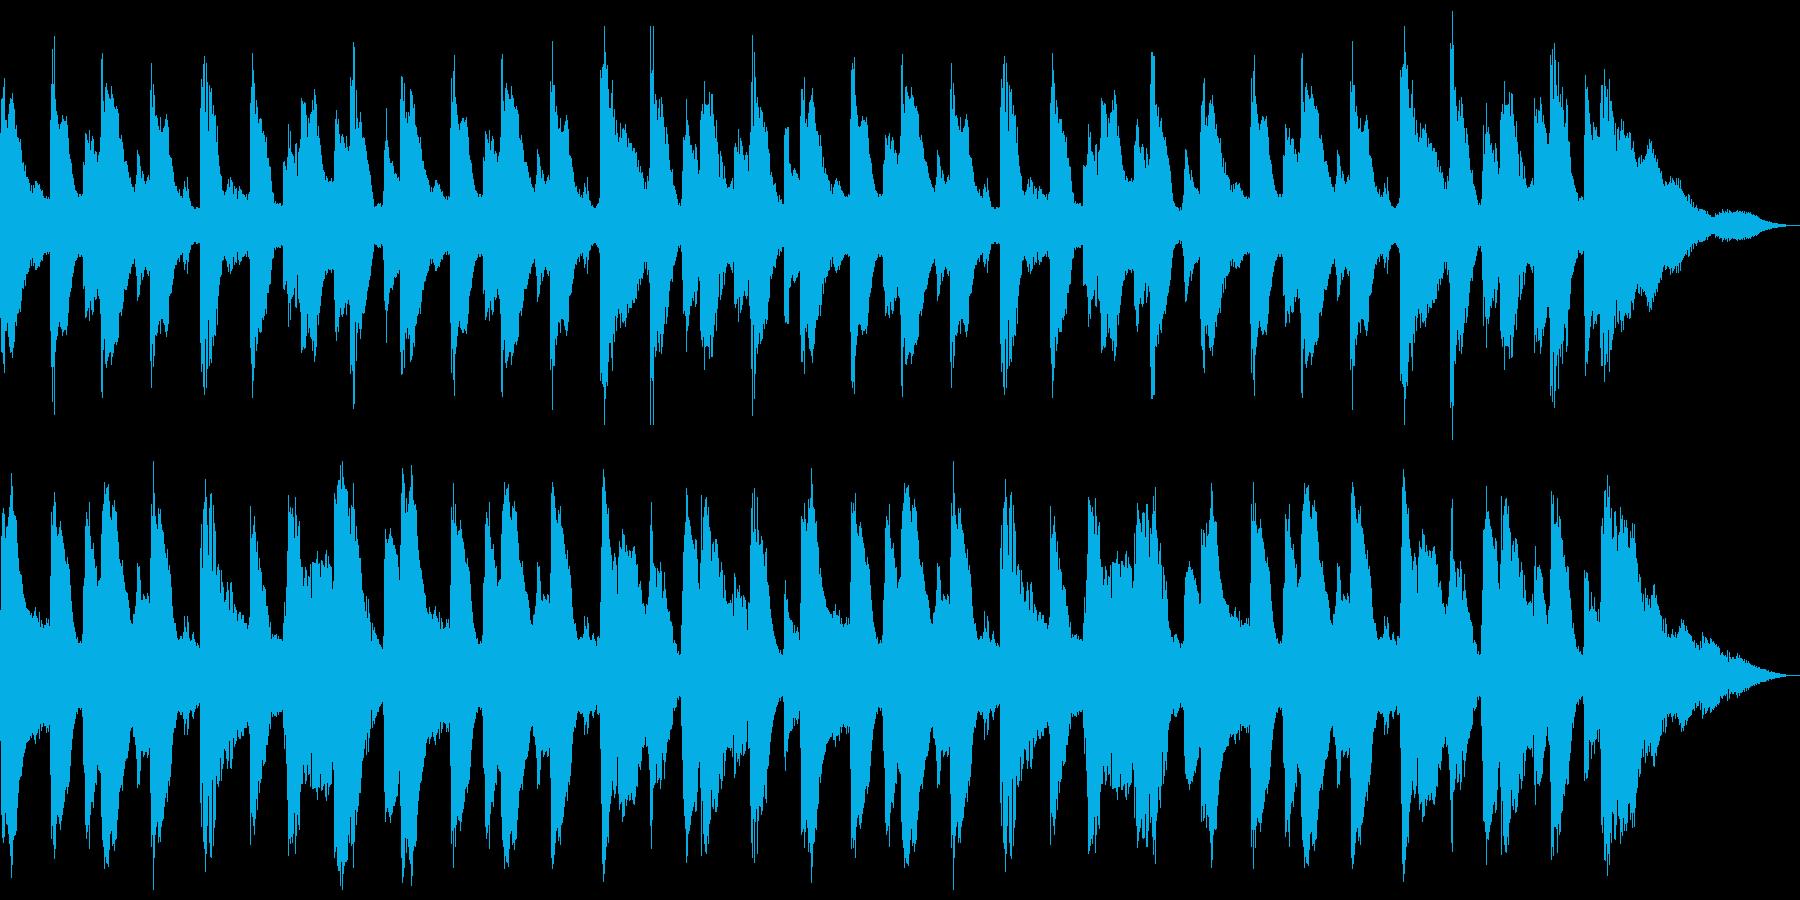 18秒 ほのぼのしたピアノとドラムの再生済みの波形